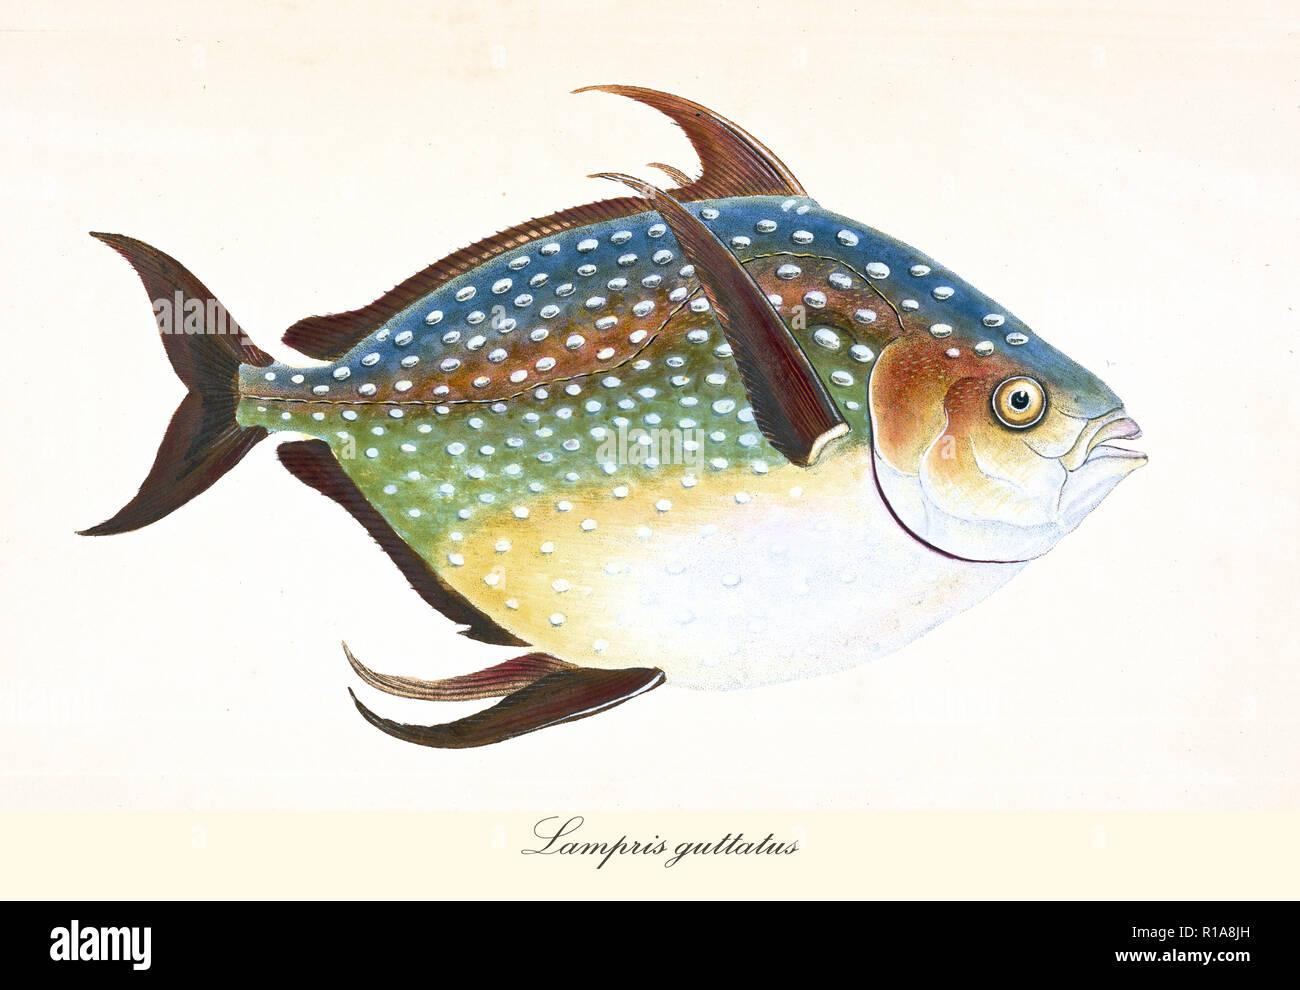 Image de couleurs antiques des dieux (Lampris guttatus), vue de côté de l'arrondi de couleur plusieurs poissons avec sa peau parsemée de points blancs, éléments isolés. Par Edward Donovan. Londres 1802 Banque D'Images